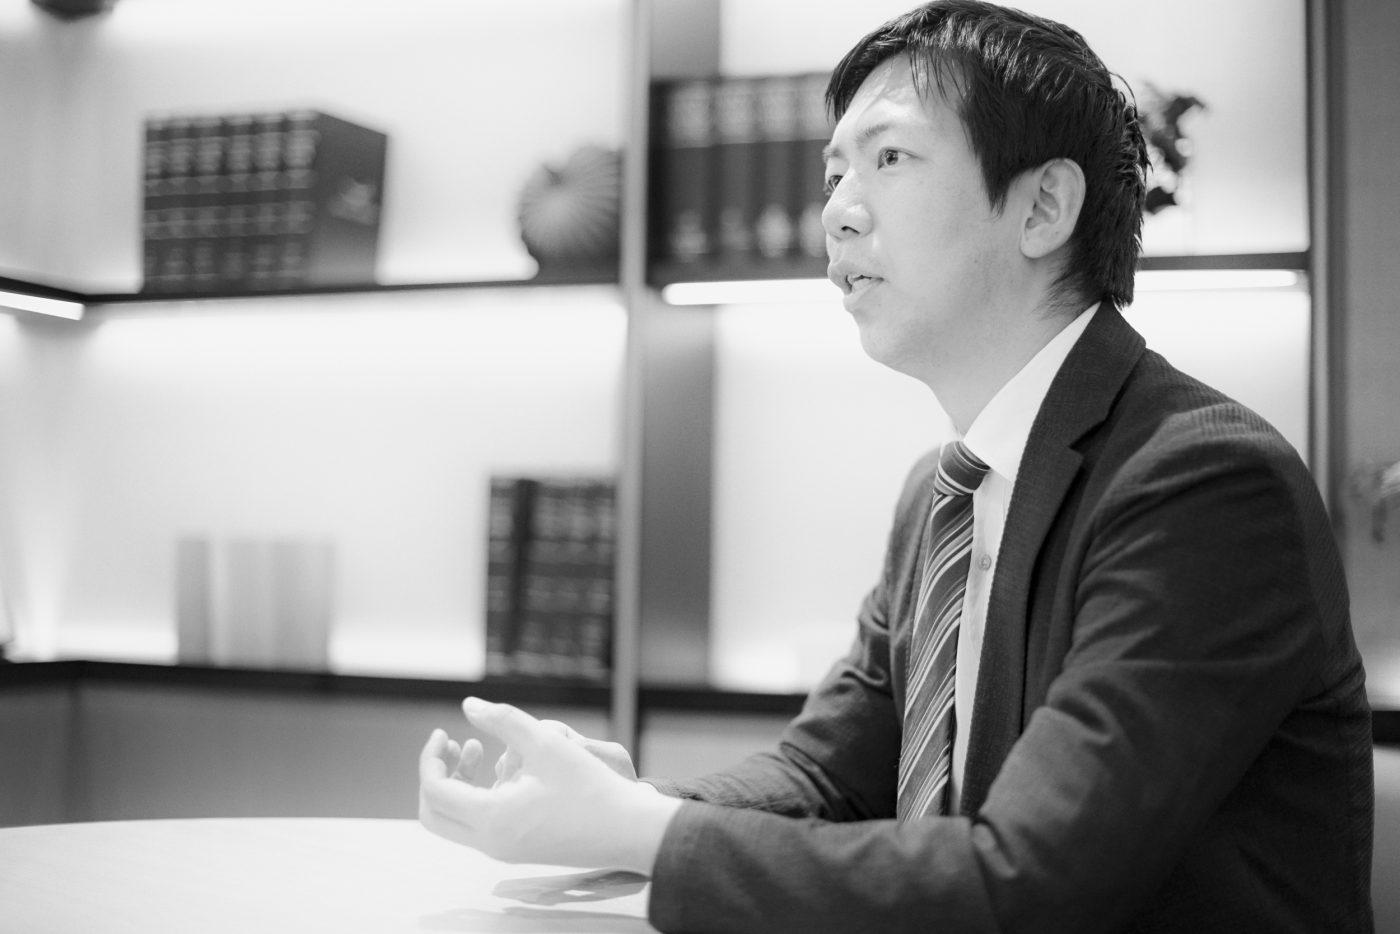 【インタビュー】2019年には現在の倍の規模に。遠隔診療の市場規模と可能性。加藤浩晃(第2回)